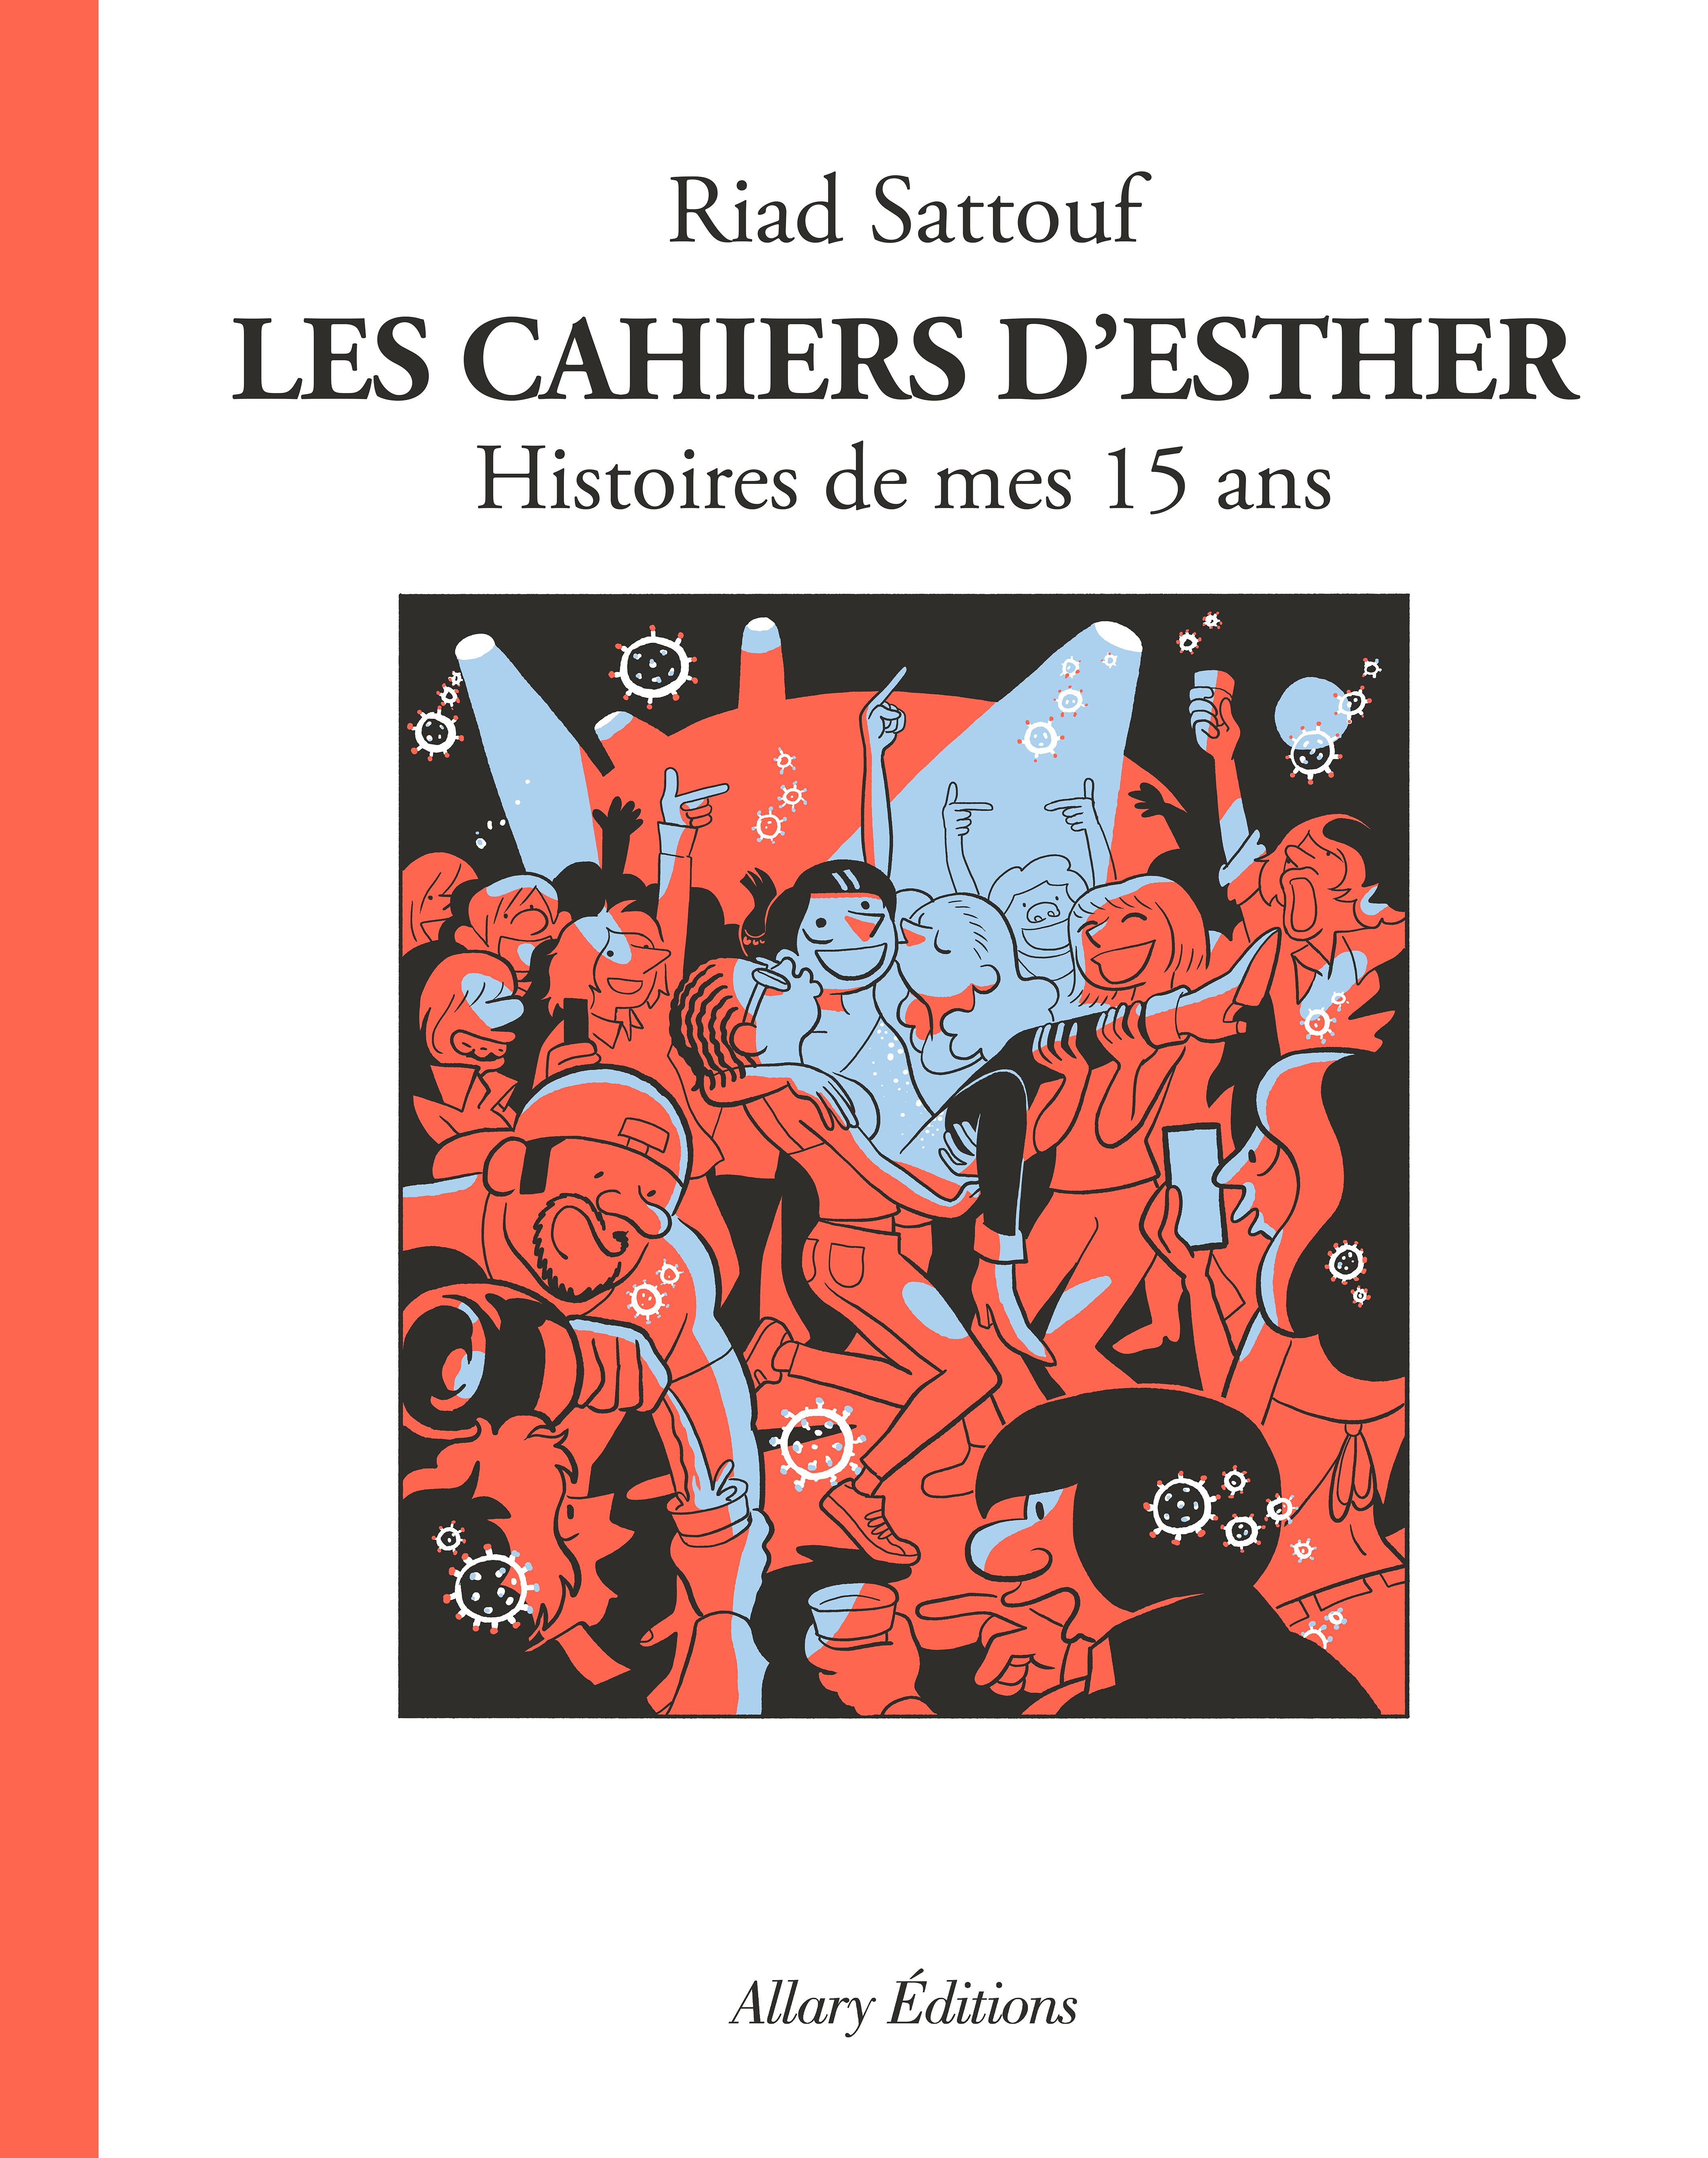 «Les cahiers d'Esther» de Riad Sattouf